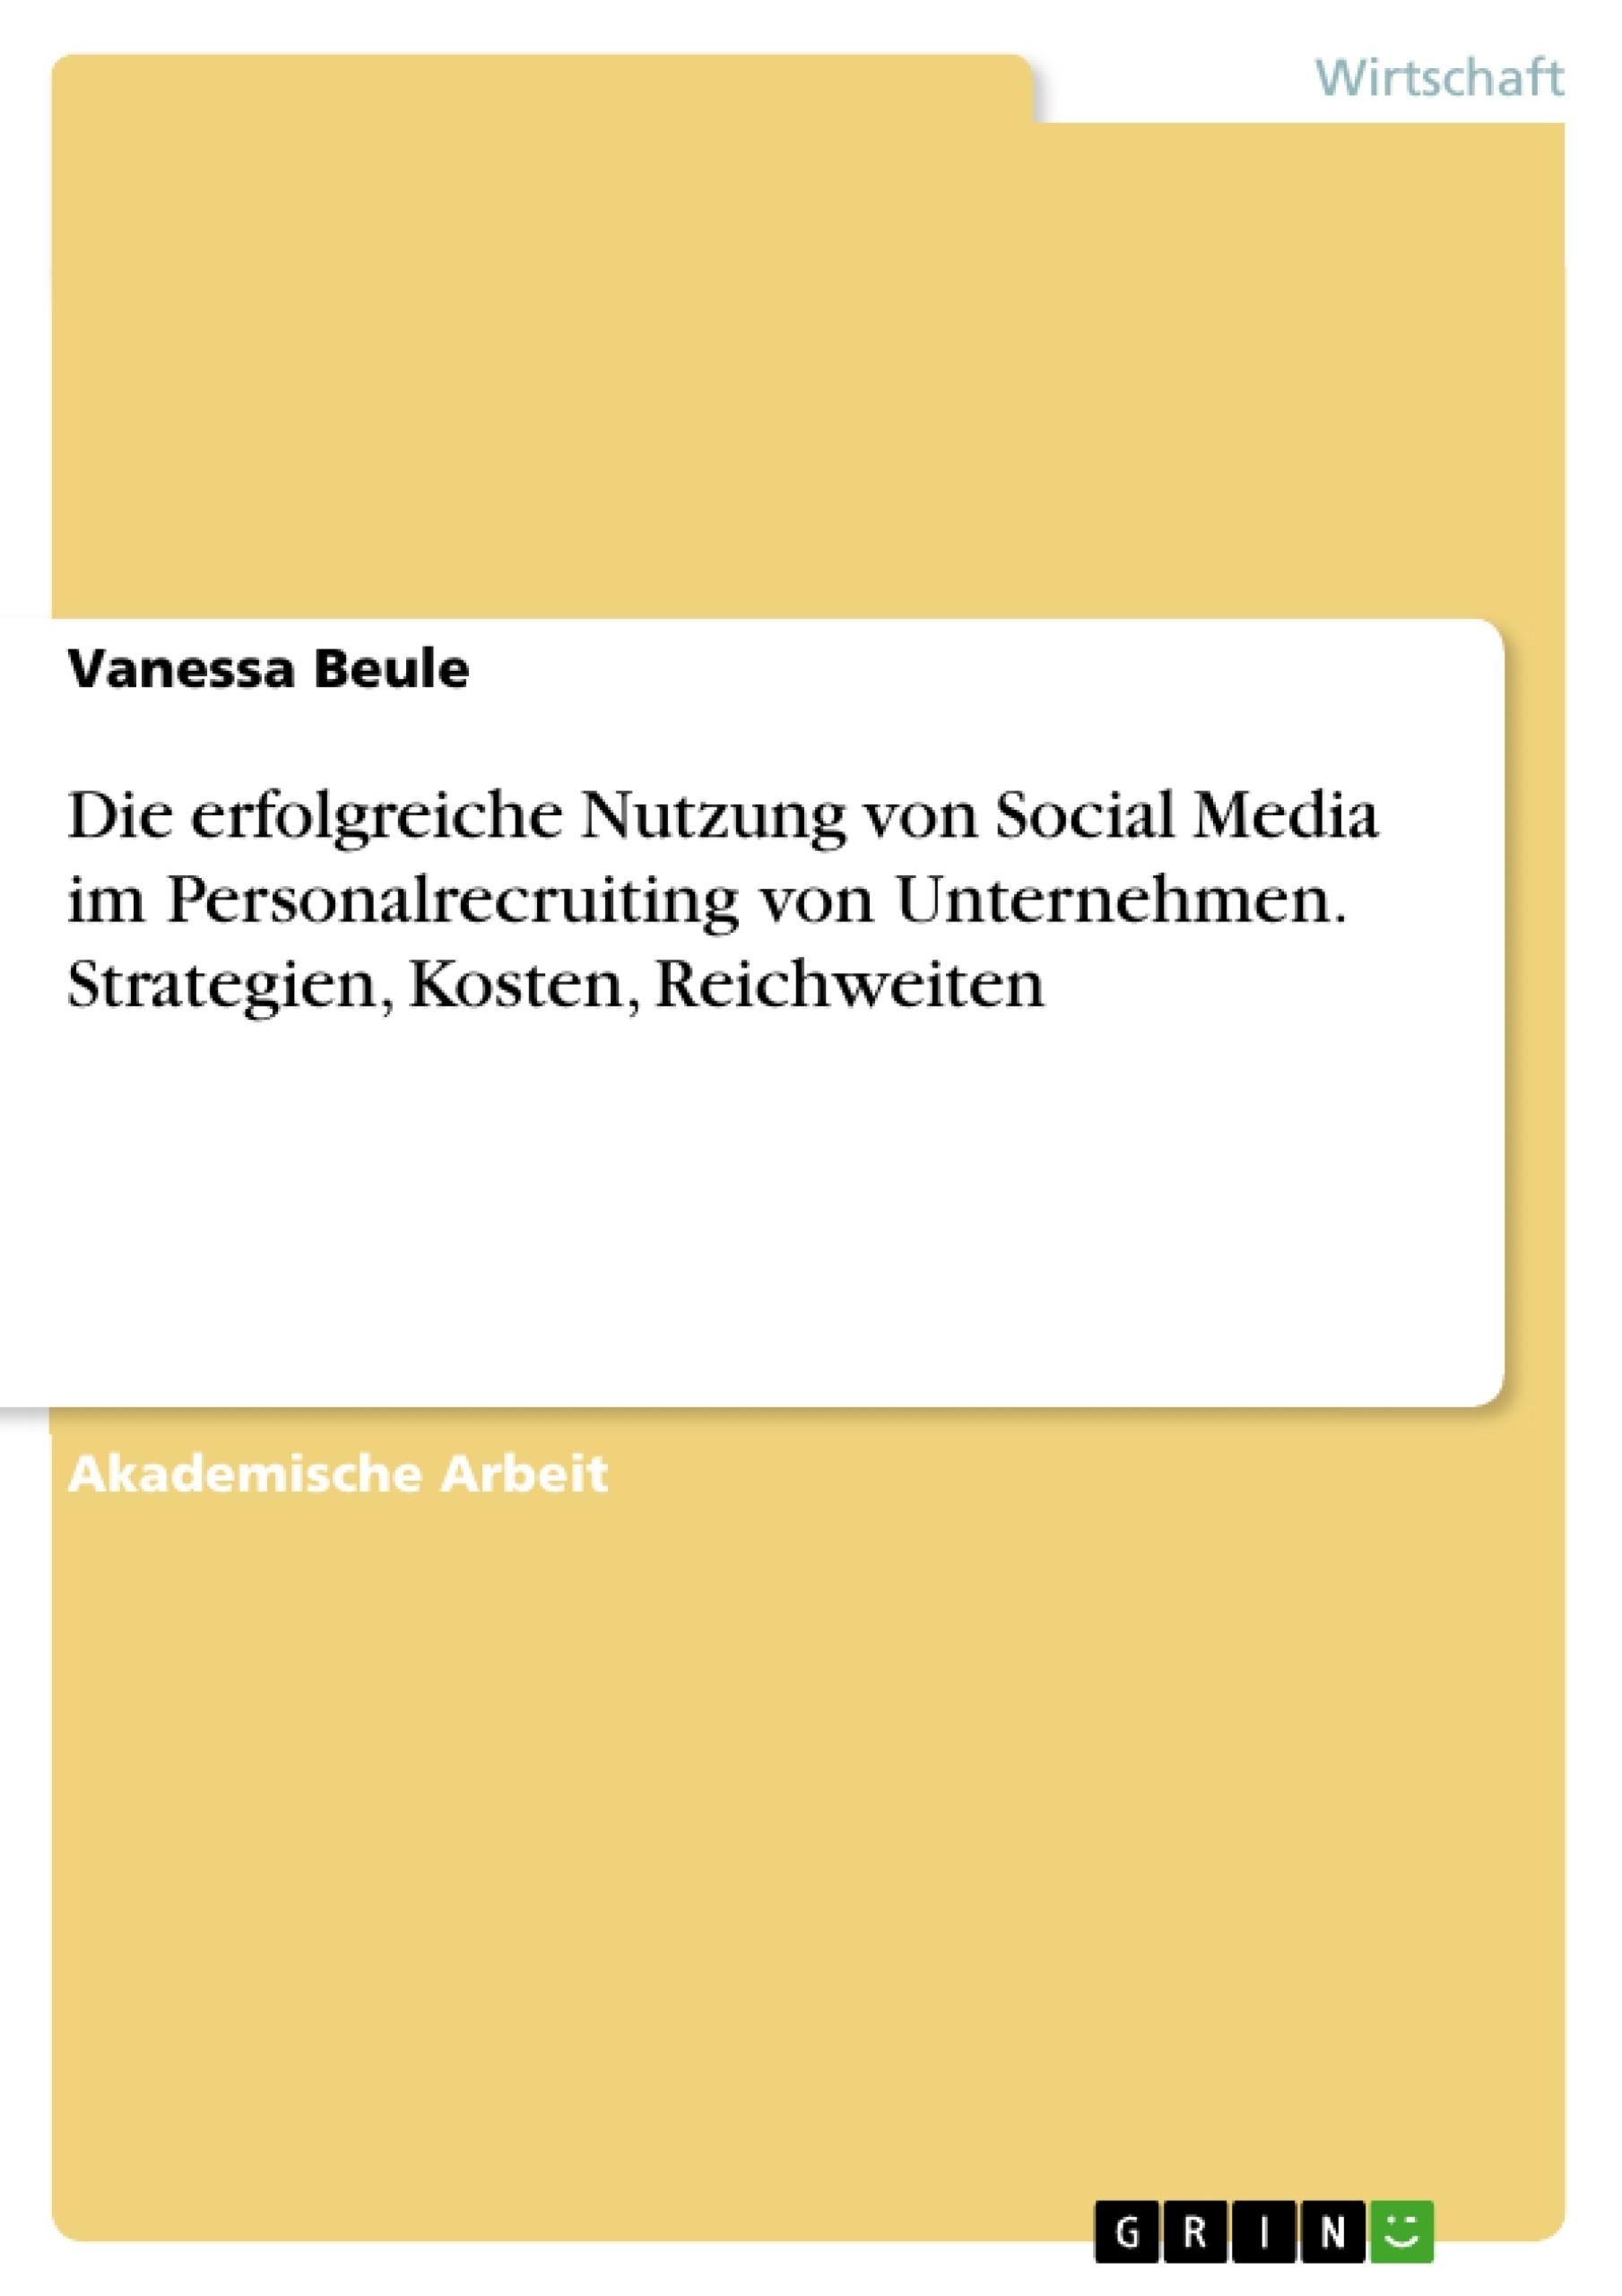 Titel: Die erfolgreiche Nutzung von Social Media im Personalrecruiting von Unternehmen. Strategien, Kosten, Reichweiten